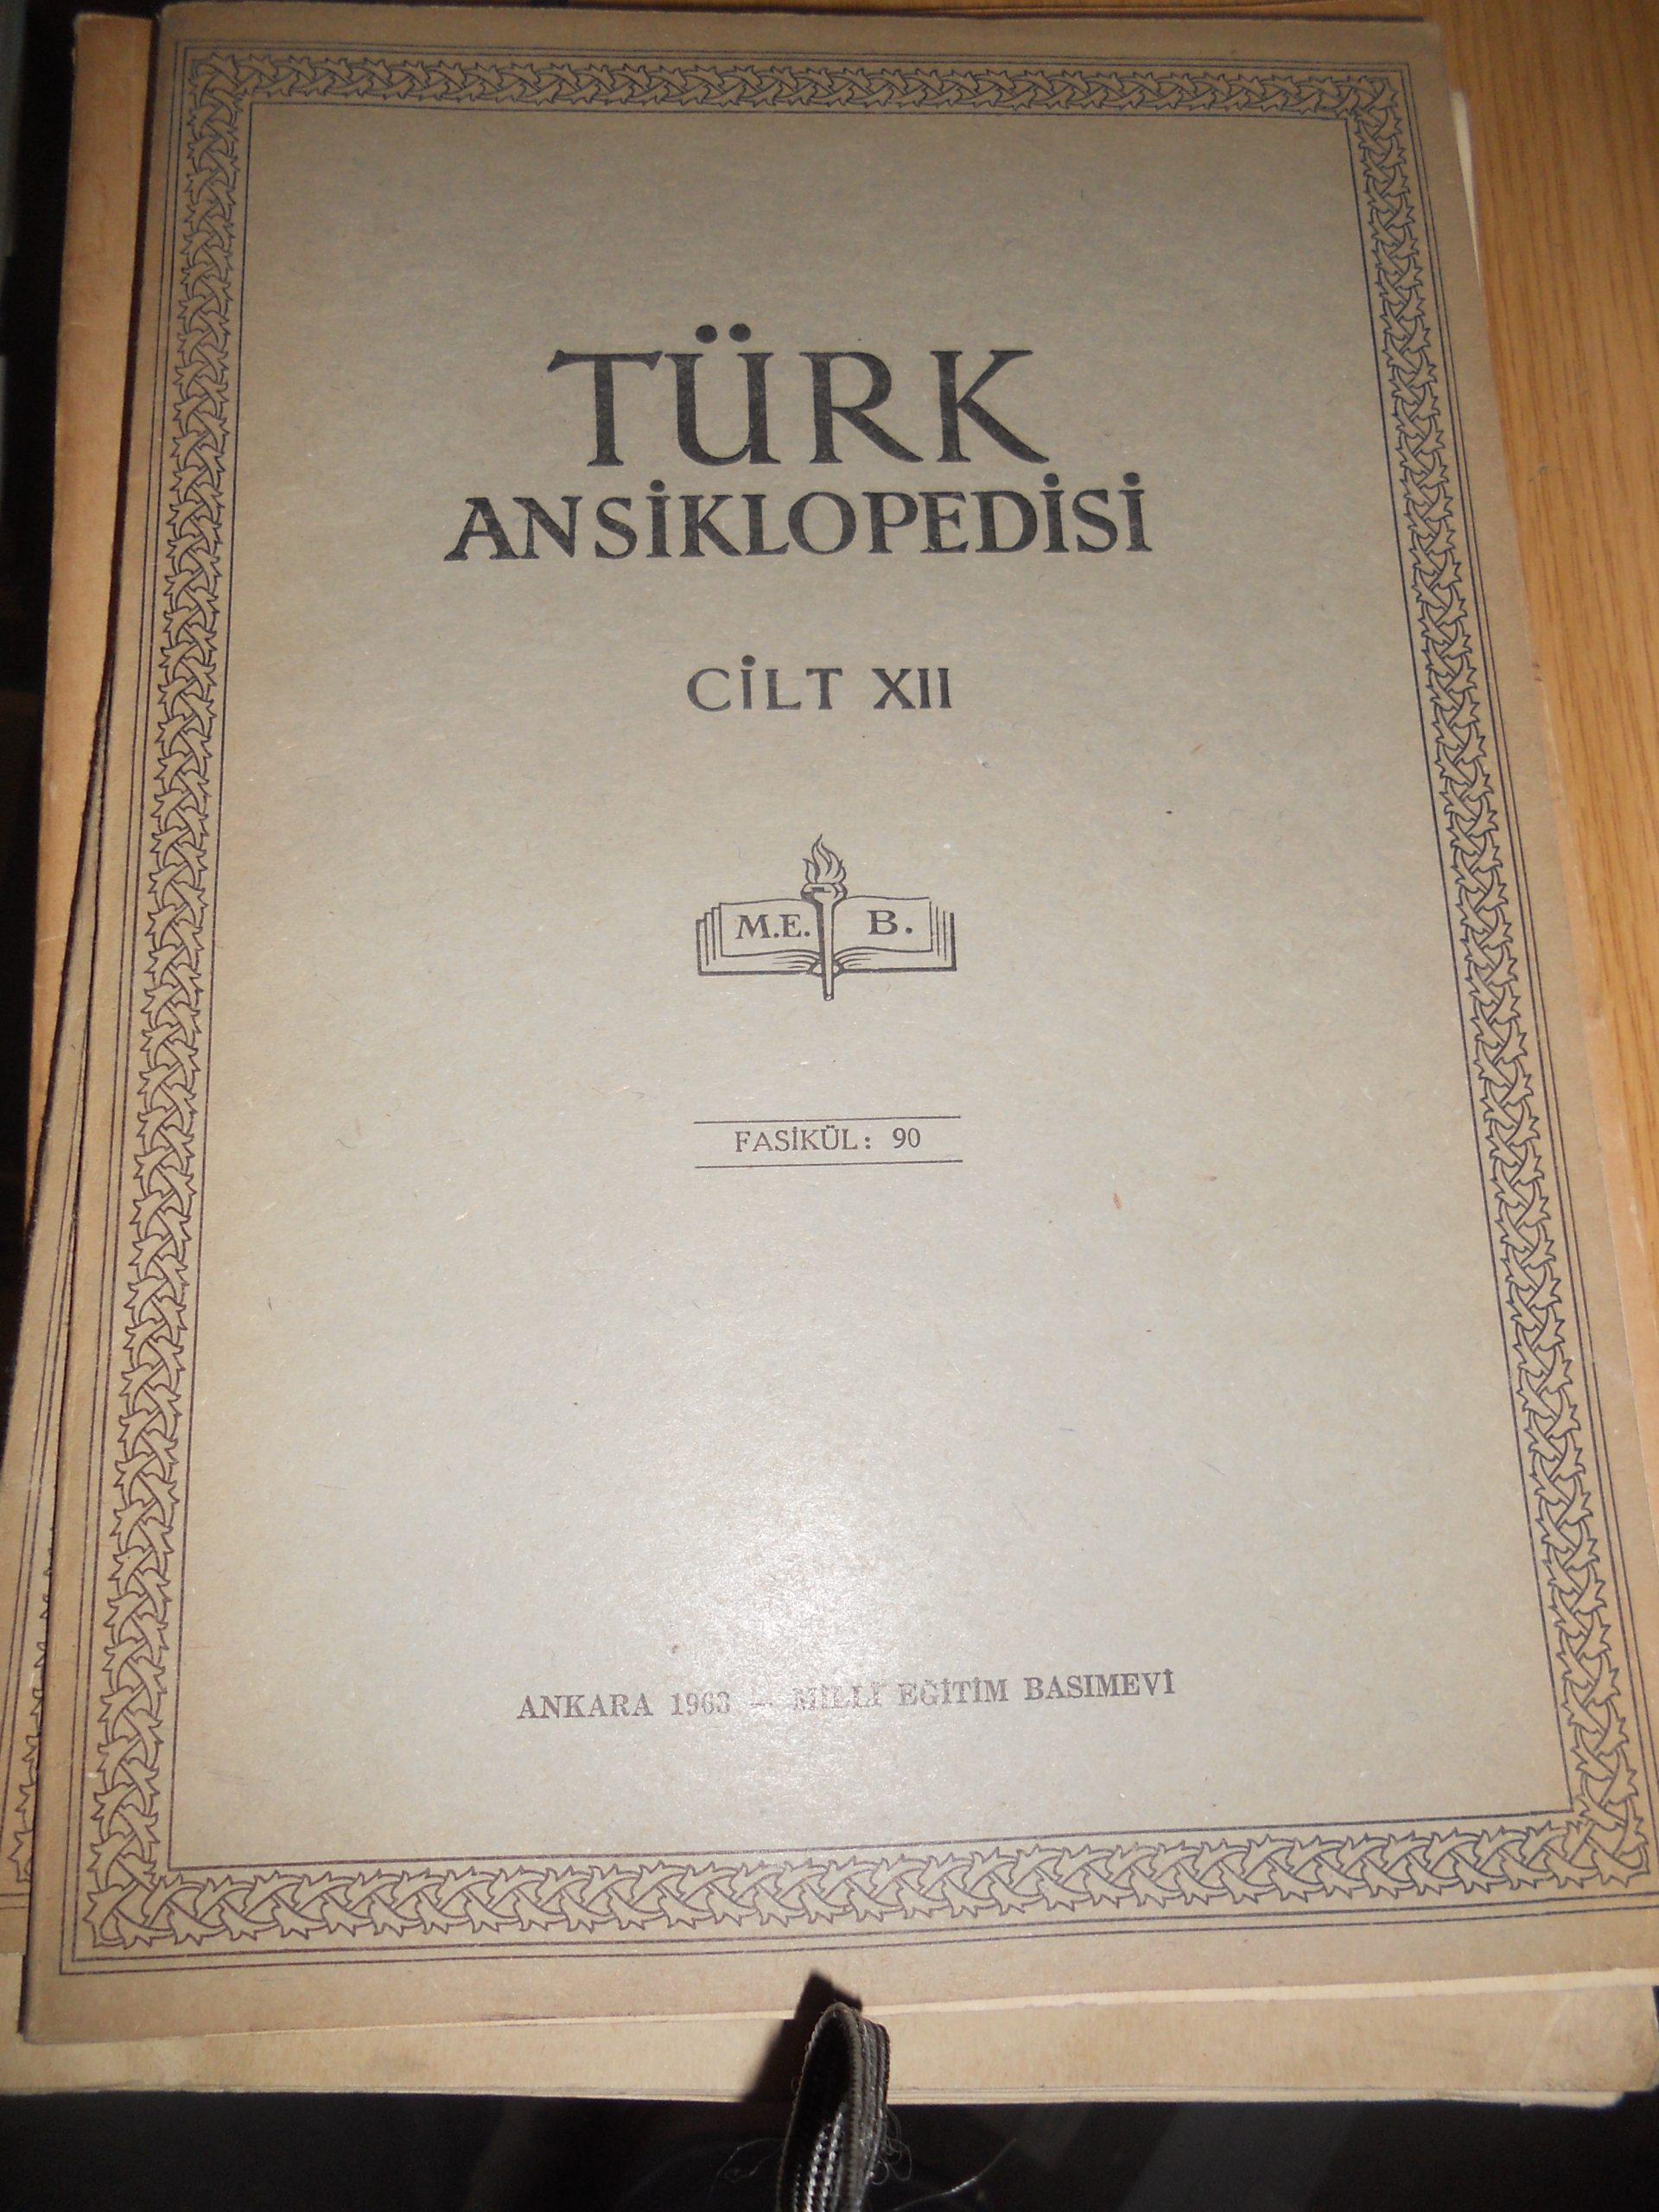 TÜRK ANSIKLOPEDİSİ-74-89-90- FASİKÜL/TOPLAM 30 TL